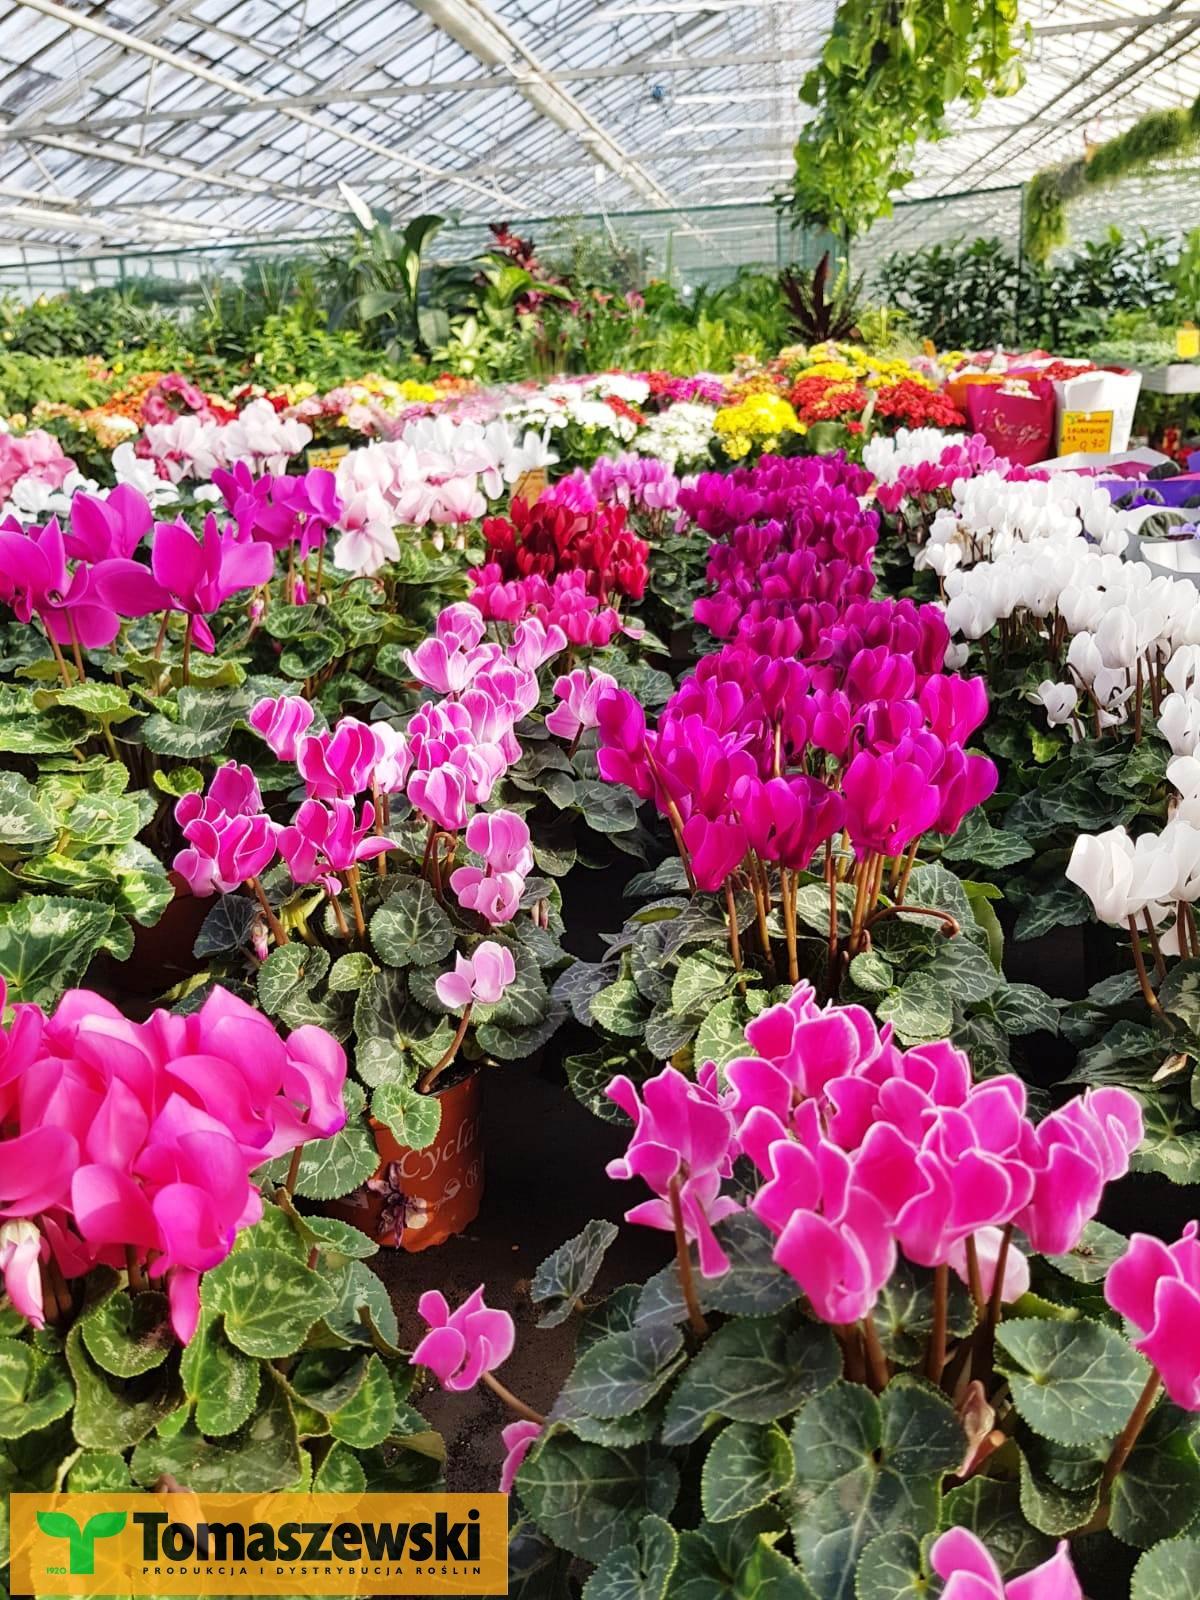 Jak Nawozic Kwiaty Doniczkowe Aby Obficie Kwtily I Bujnie Rosly